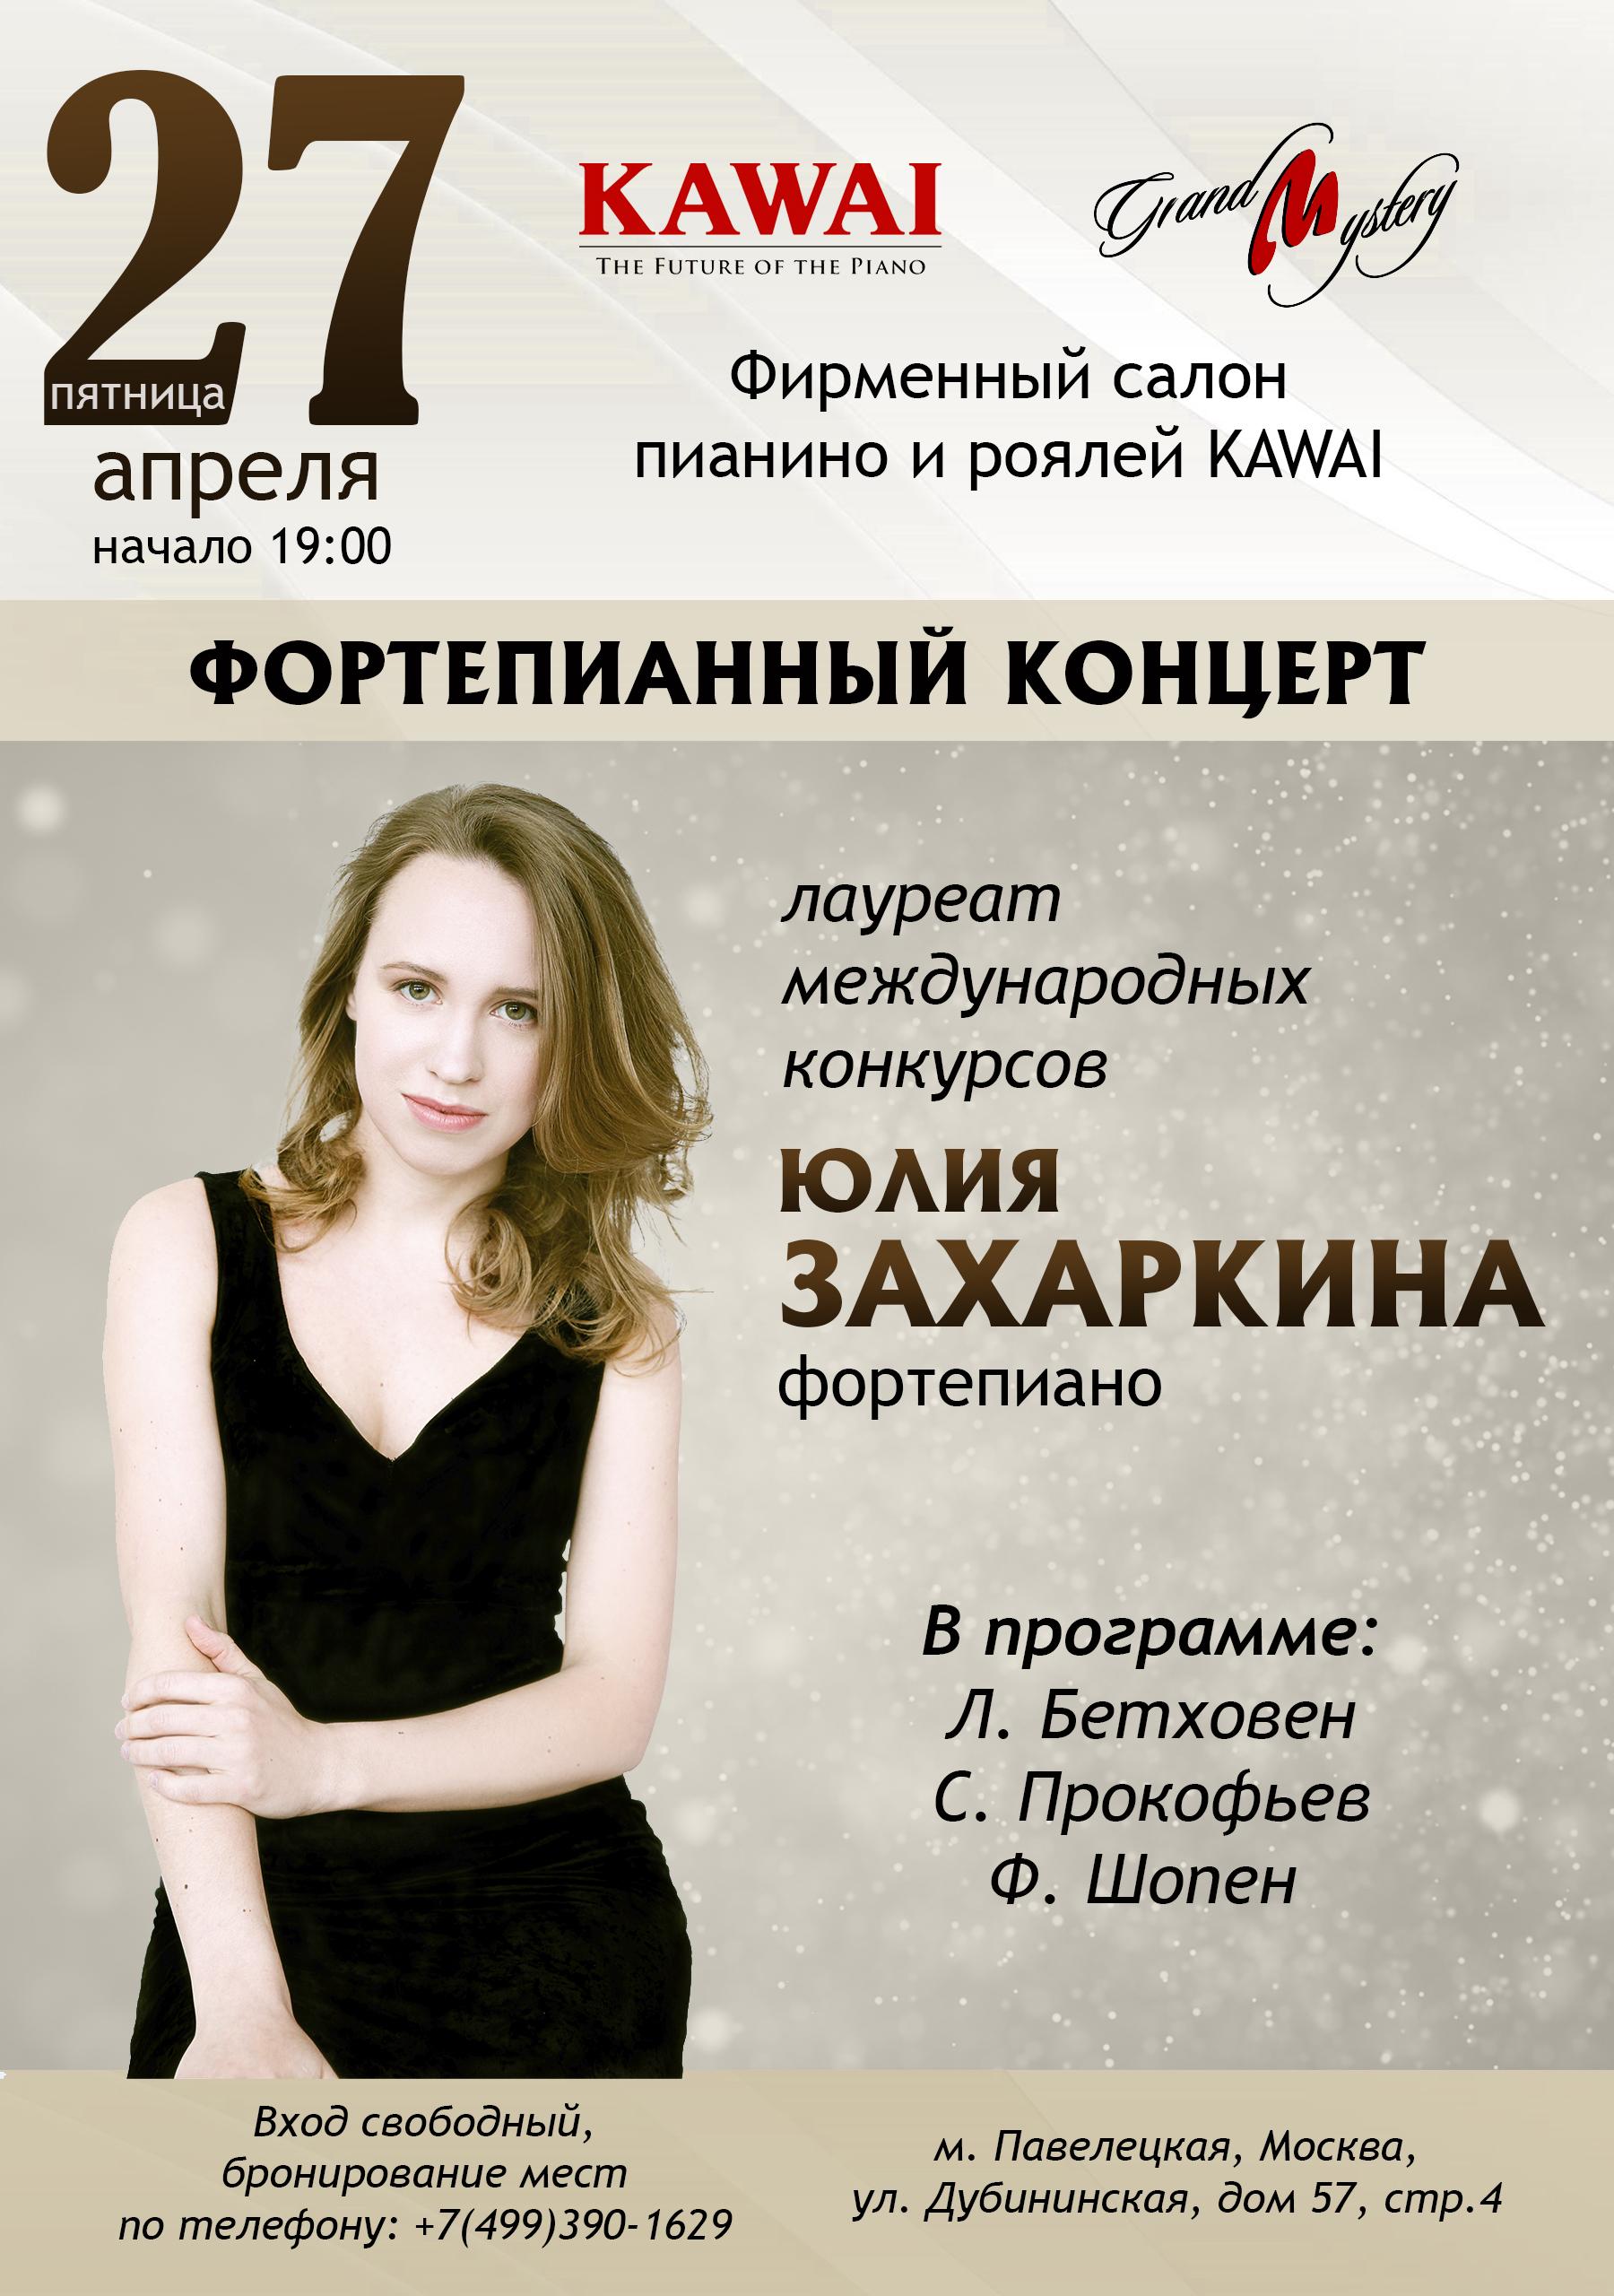 Вечер фортепианной музыки с Юлией Захаркиной